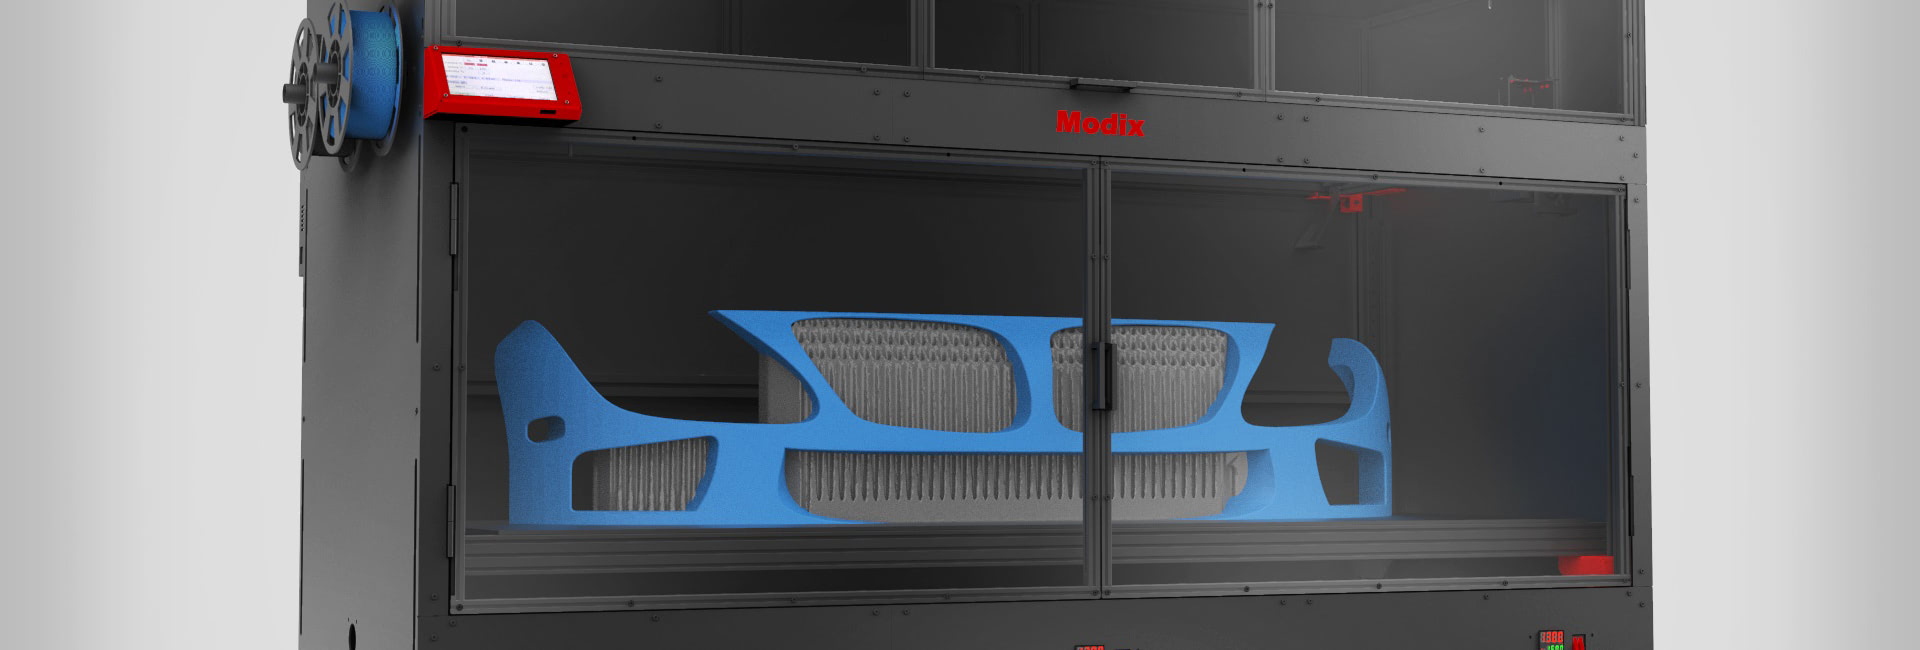 3D Print Your Own Car Parts